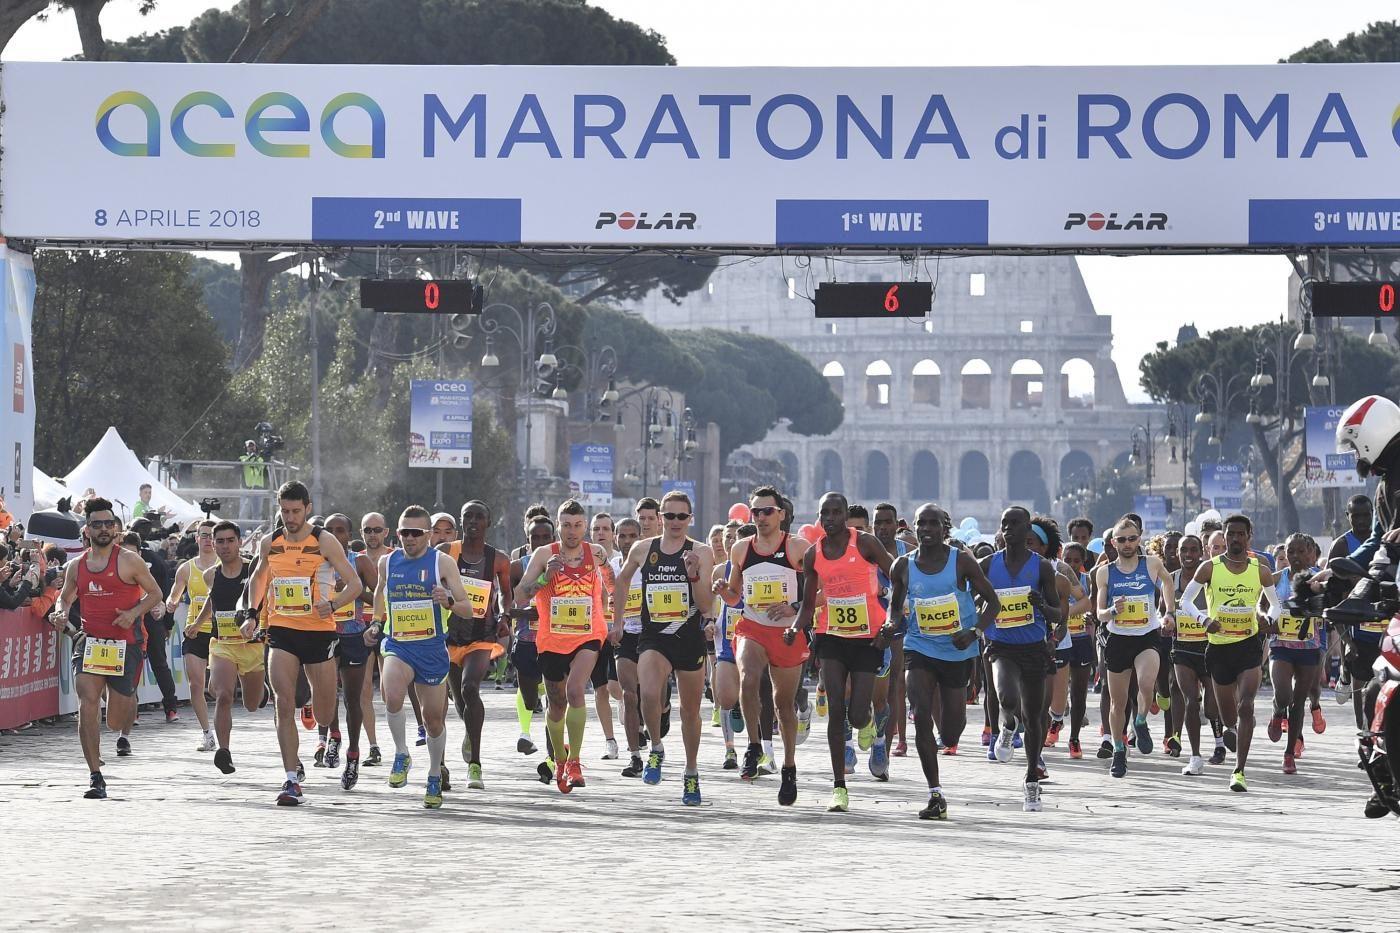 Maratona di Roma: partenza sotto la pioggia per i 10.000. Strade chiuse e deviazioni